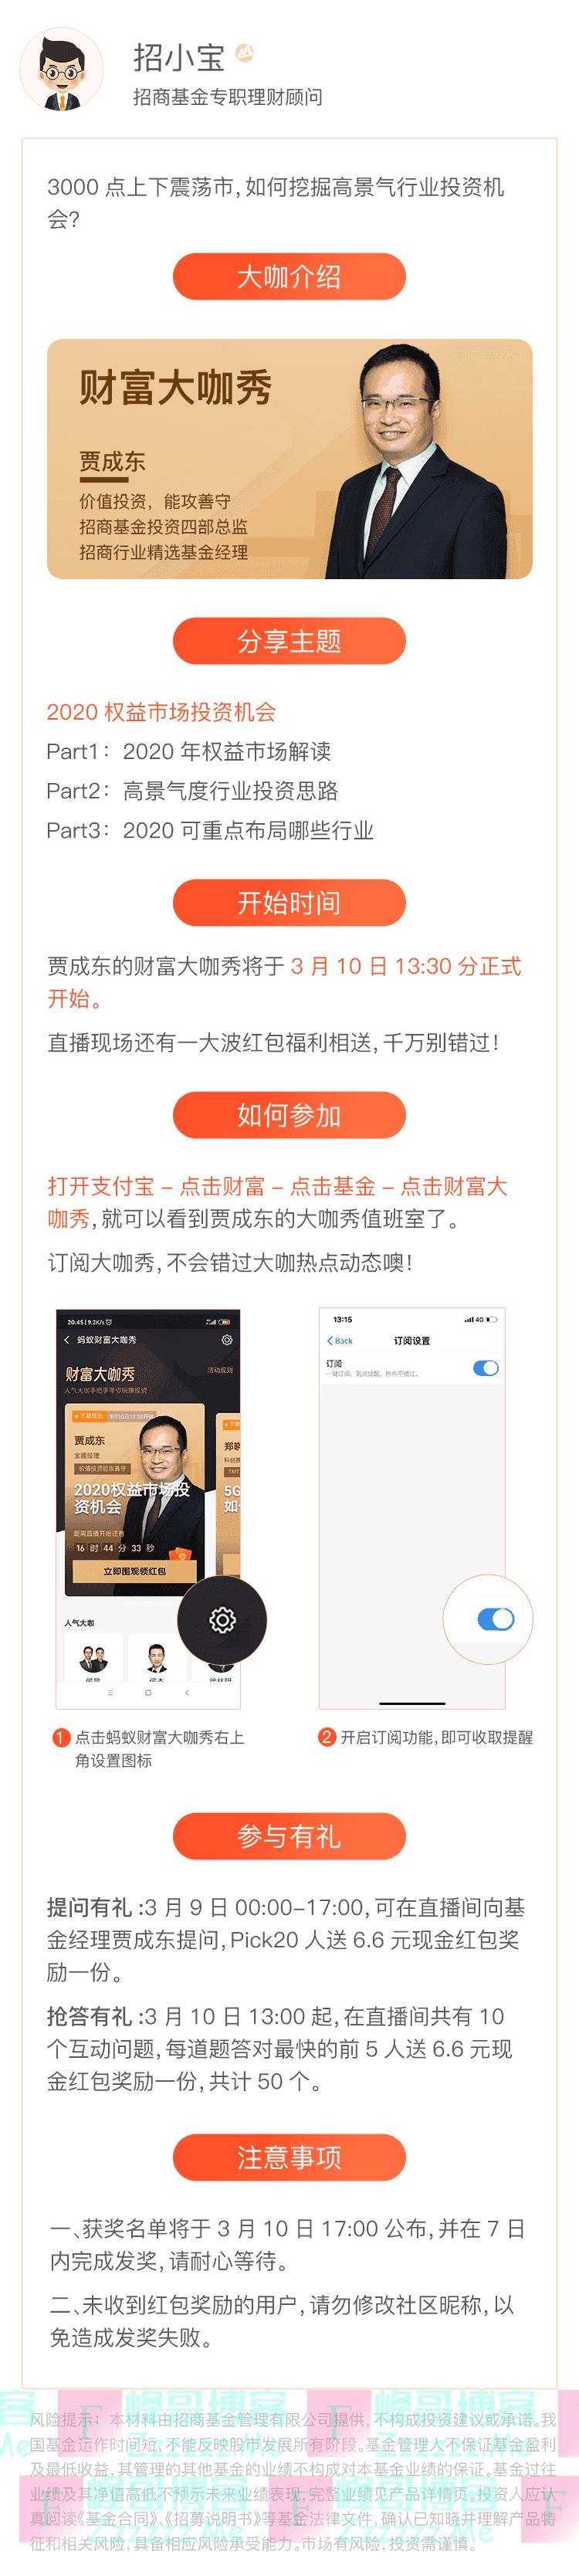 招商基金直播互动有礼(截止3月10日)